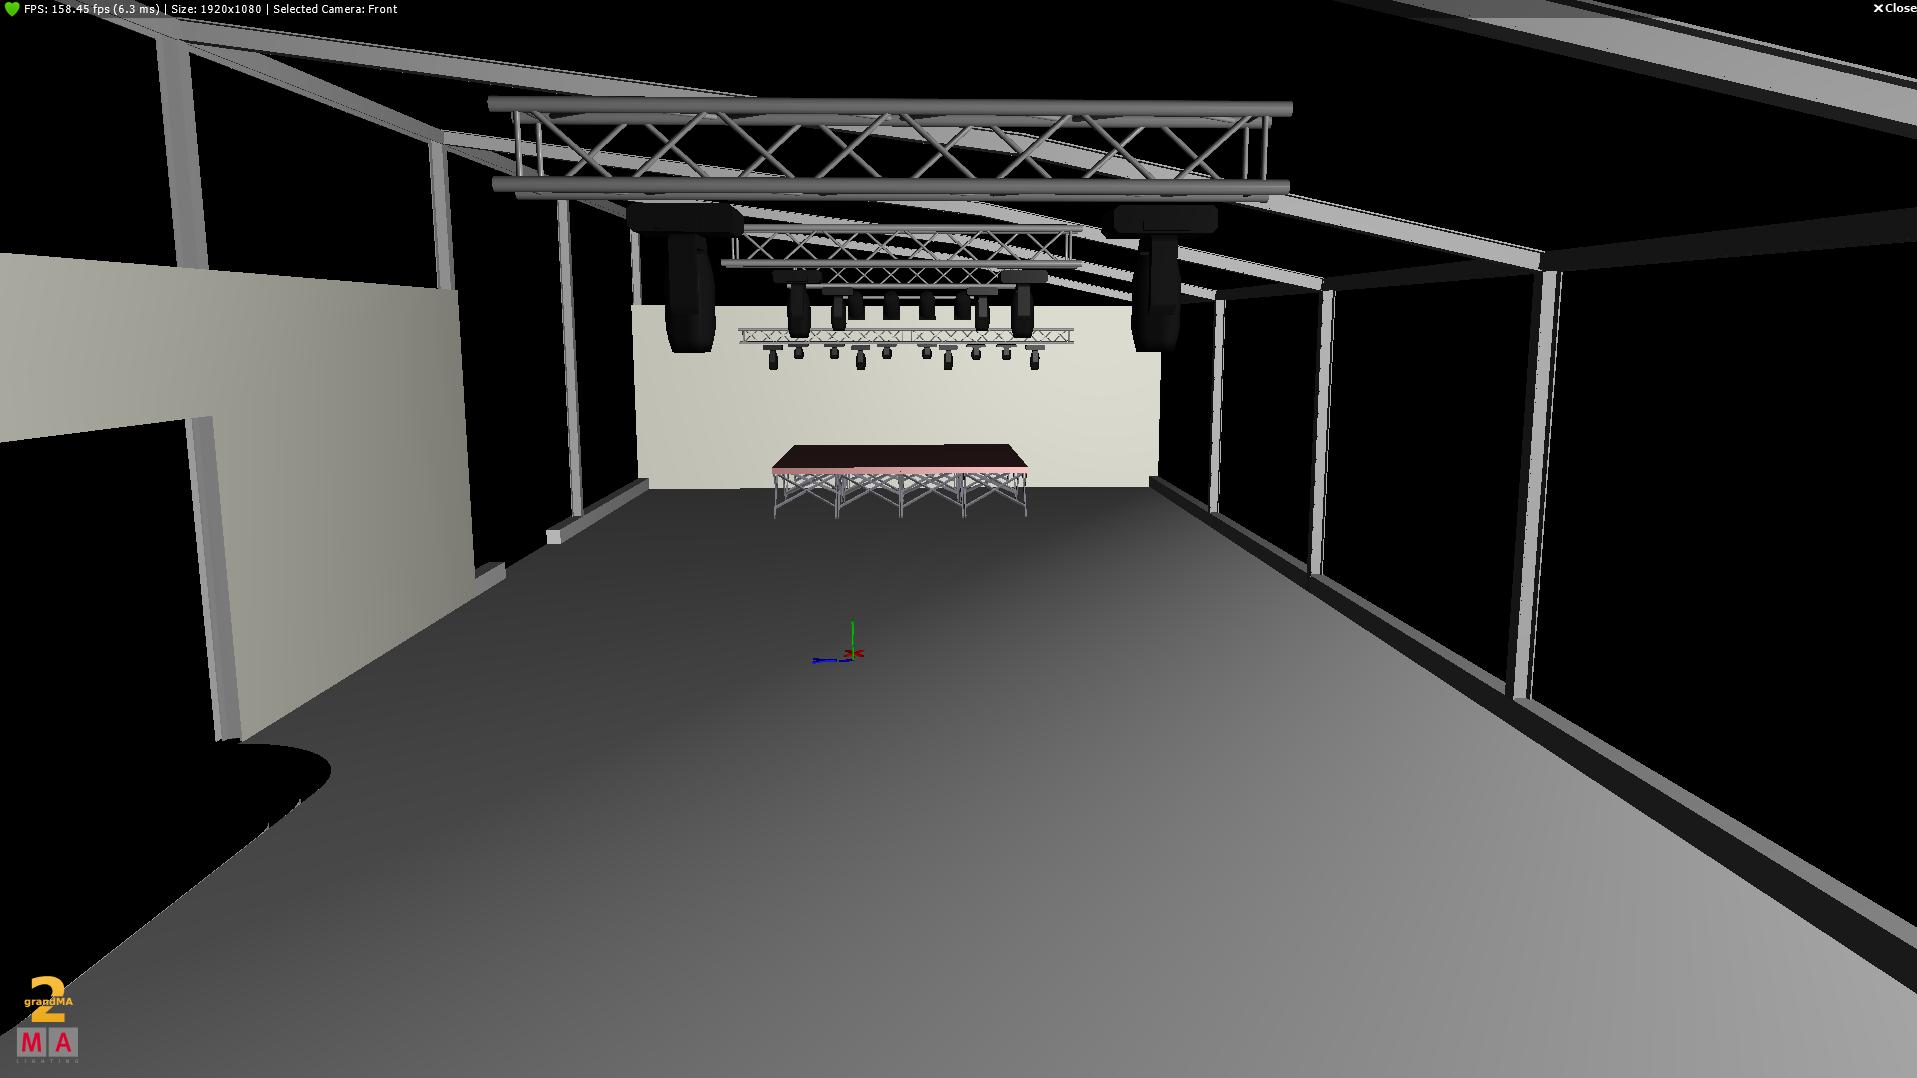 Dreidimensionaler Plan zur Veranschaulichung vor Projektbeginn